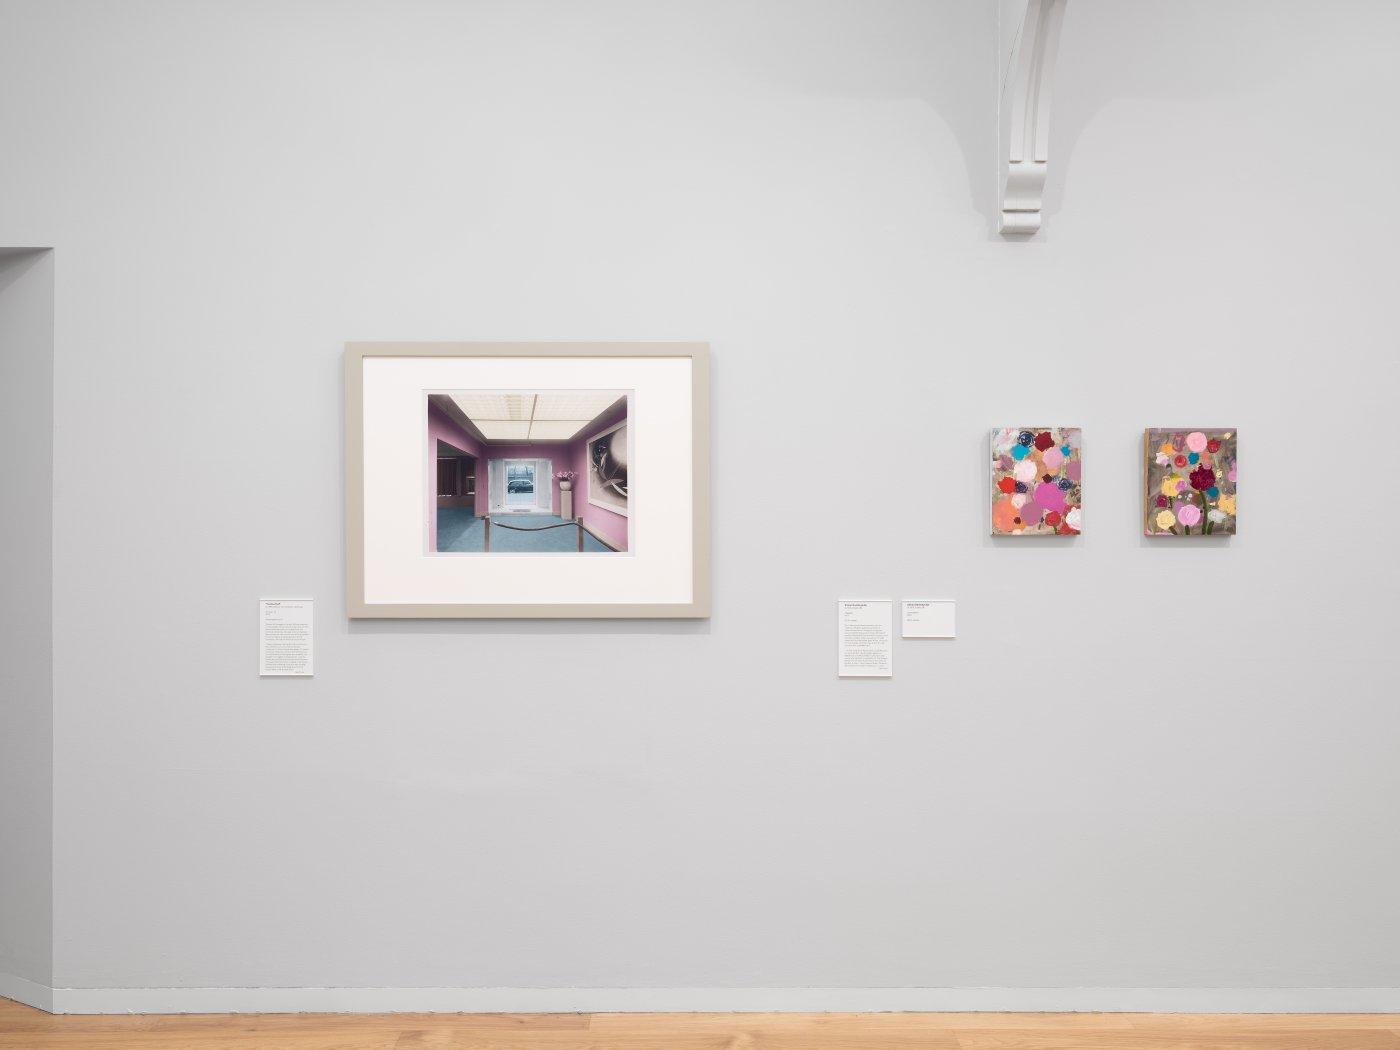 Whitechapel Gallery Gary Hume Hiscox 8